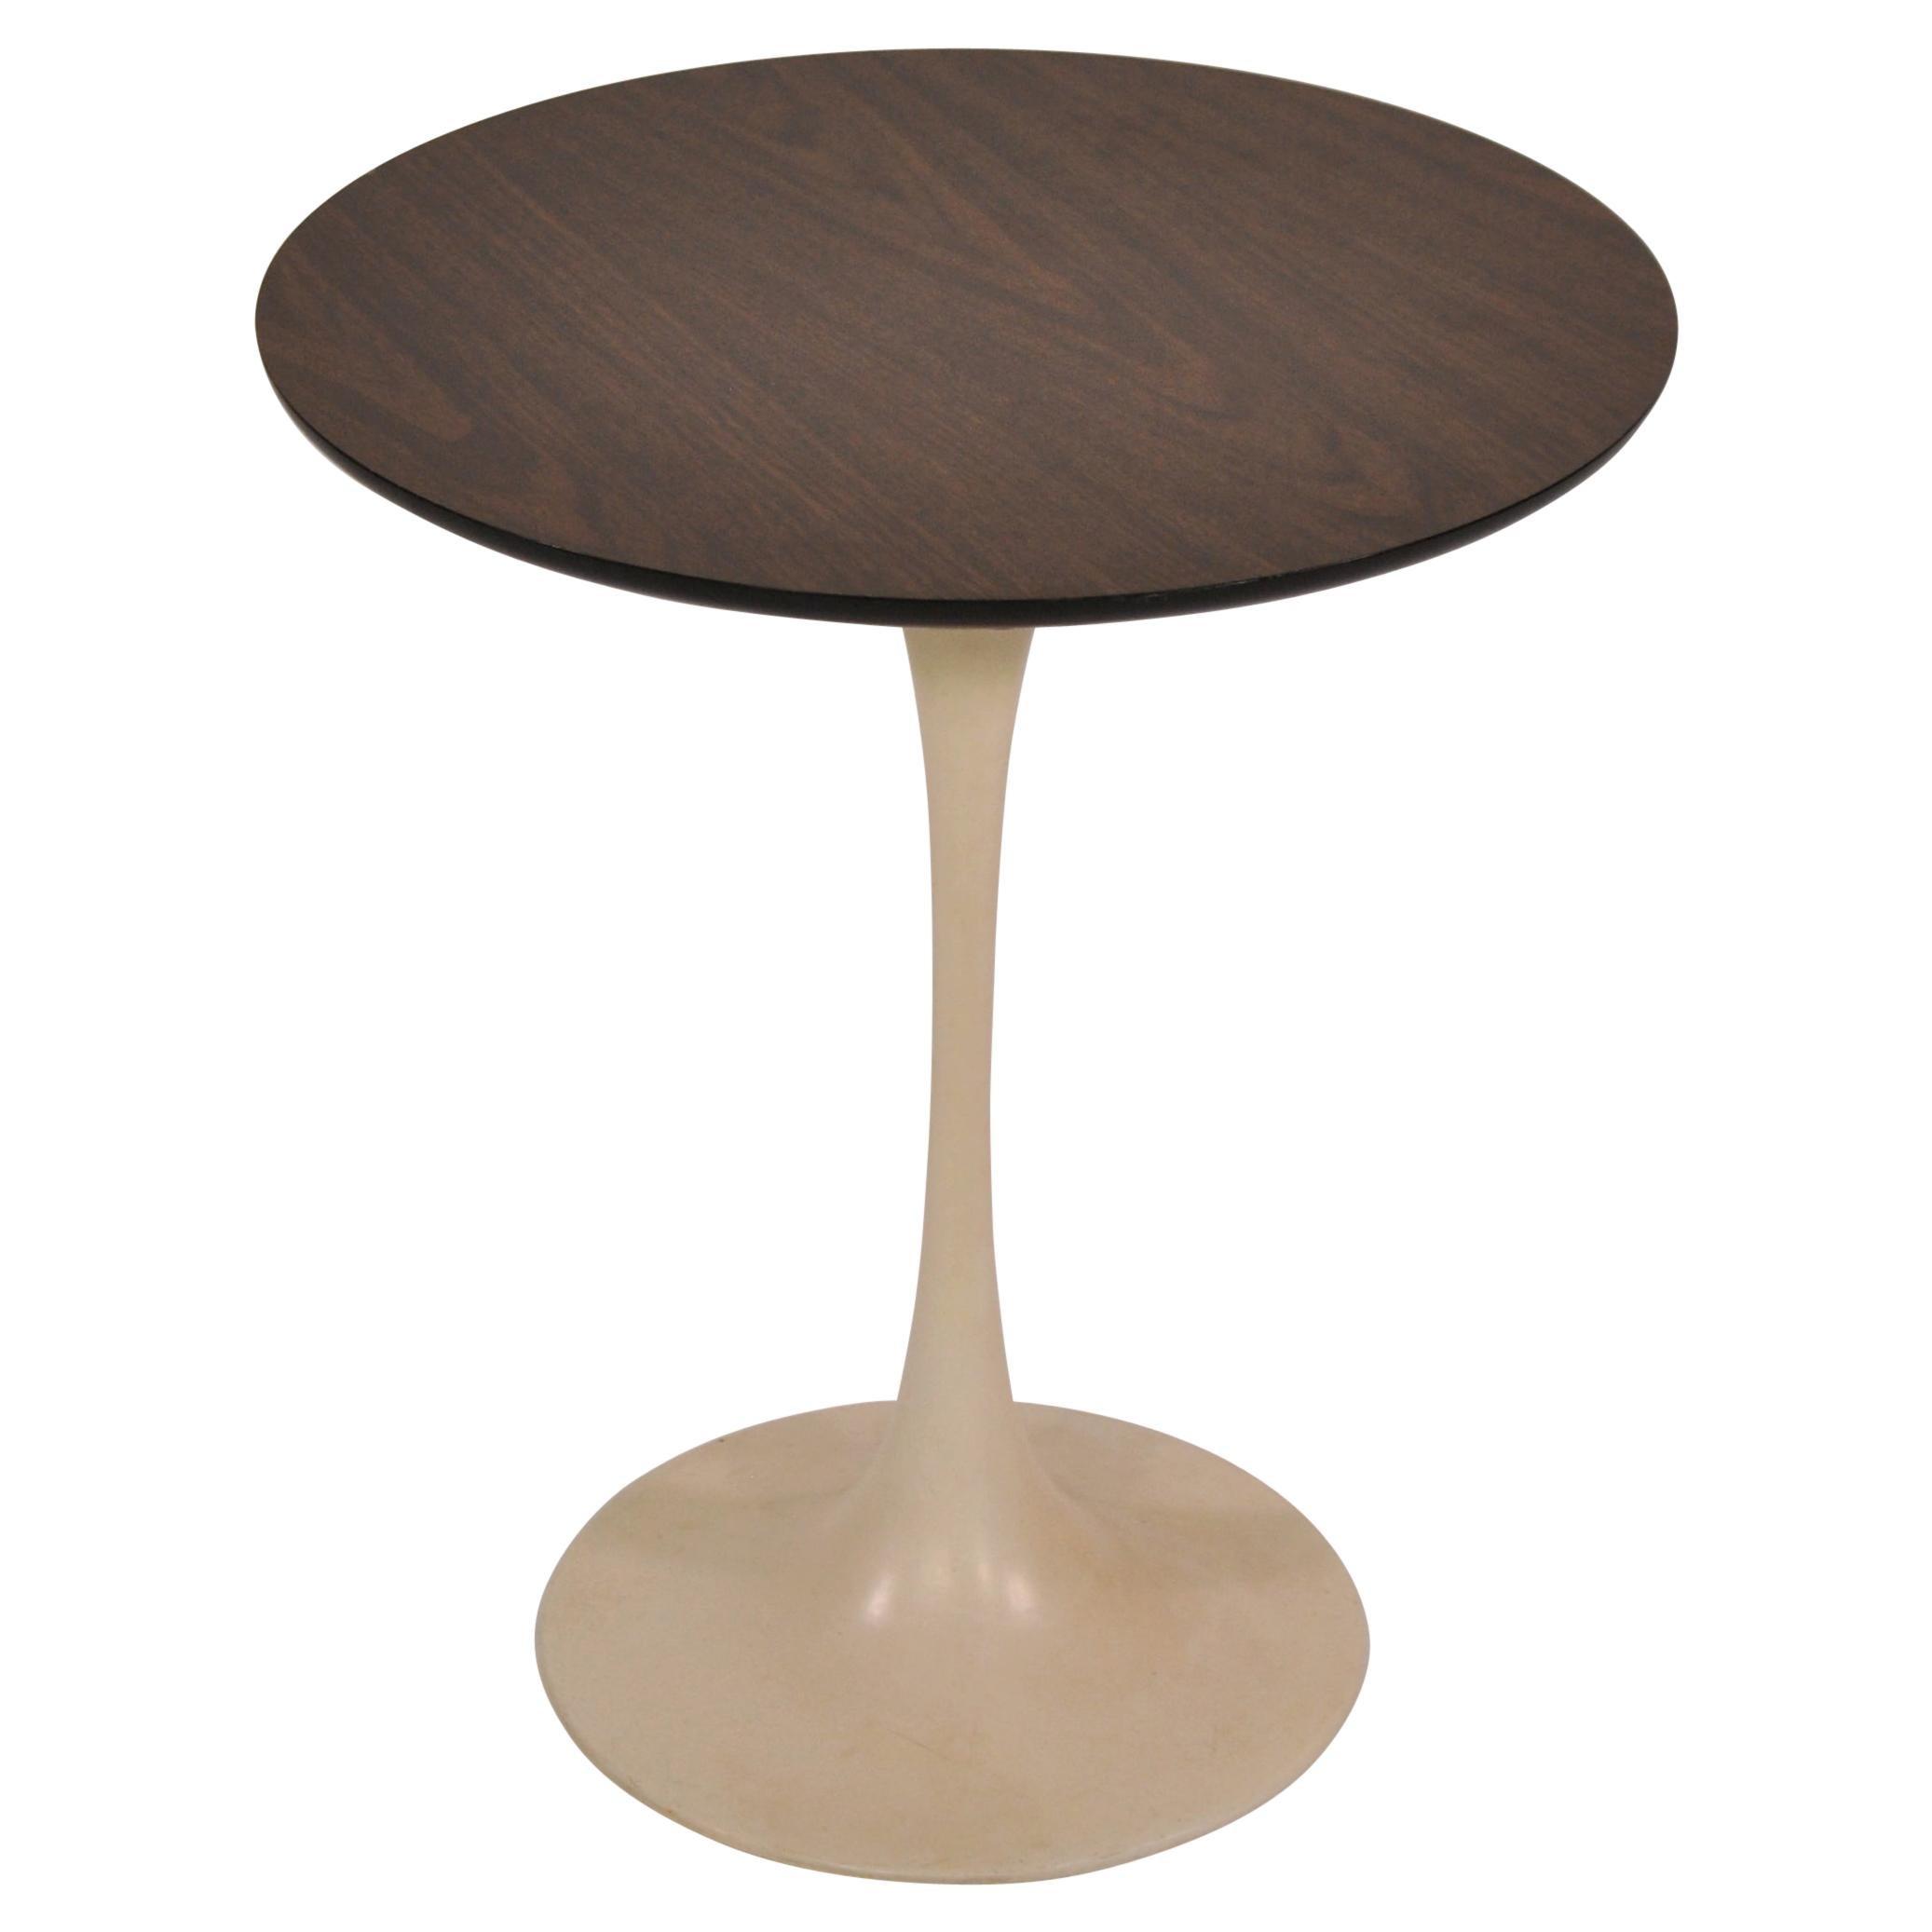 Eero Saarinen for Knoll Tulip Side Table